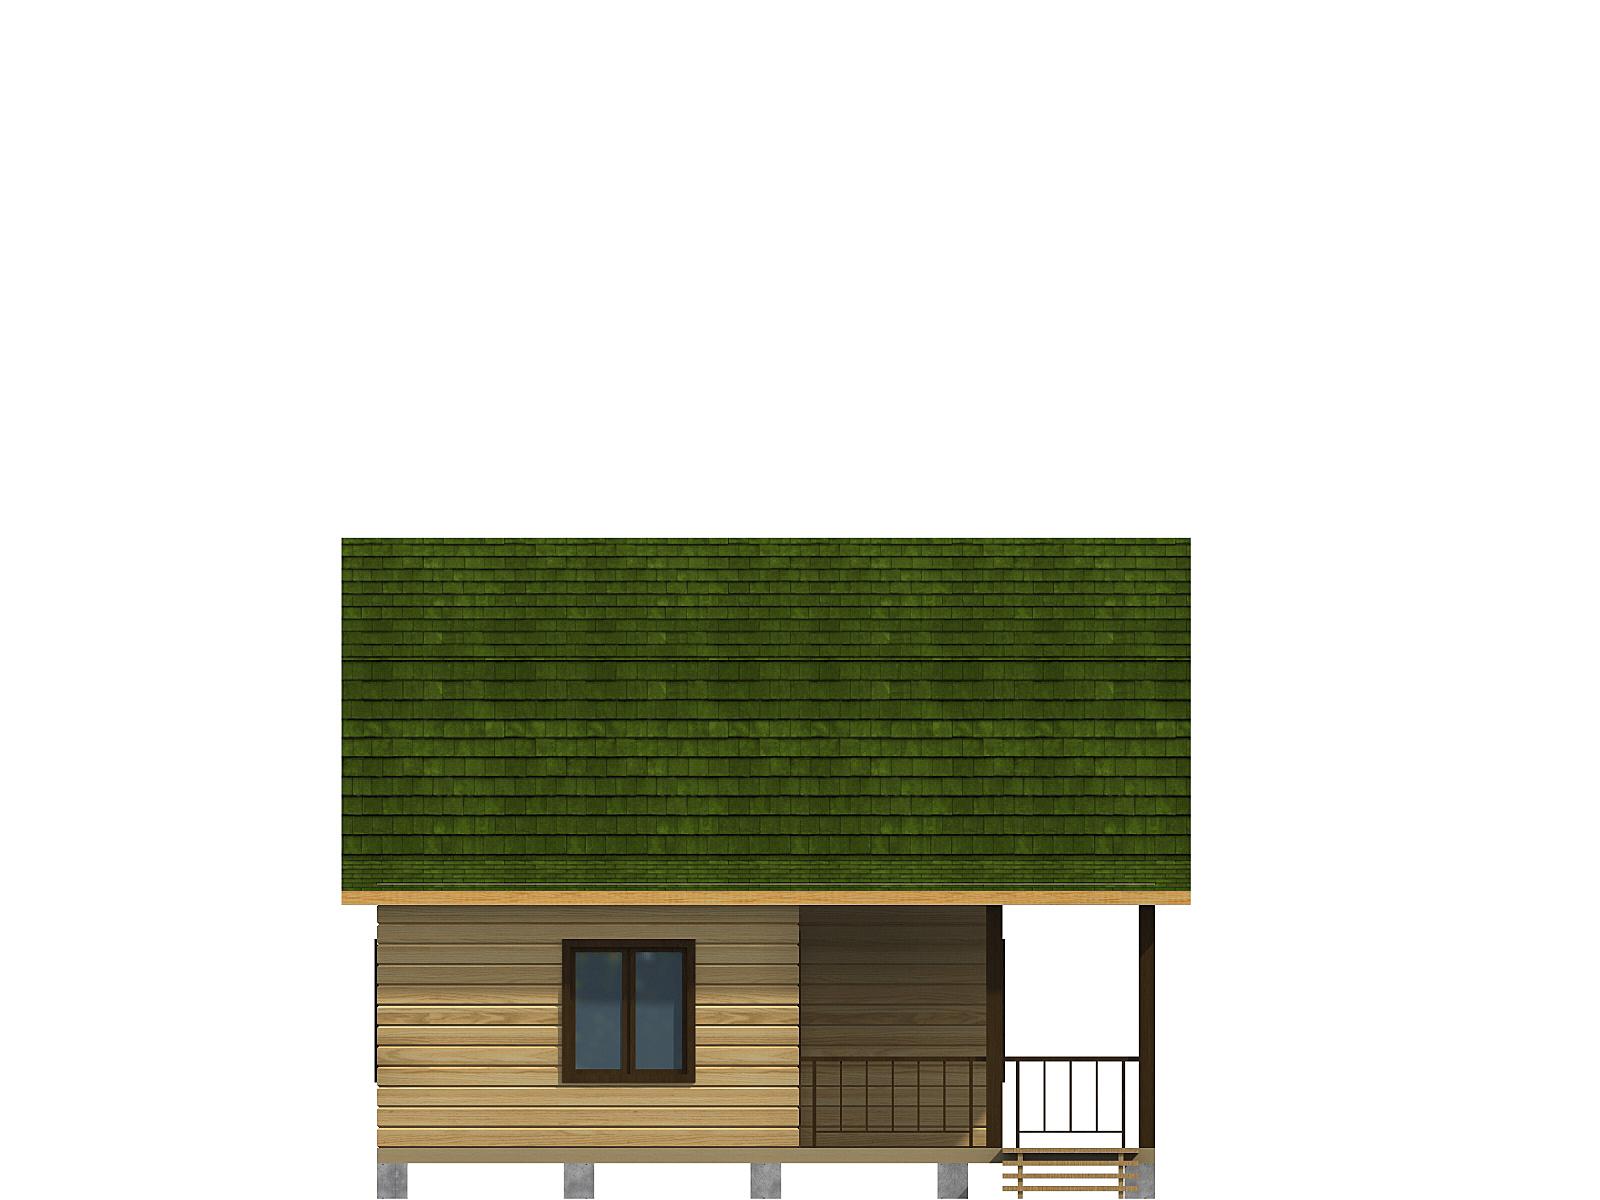 Проект дома из бруса 7.5х7.5. Разрез 4.